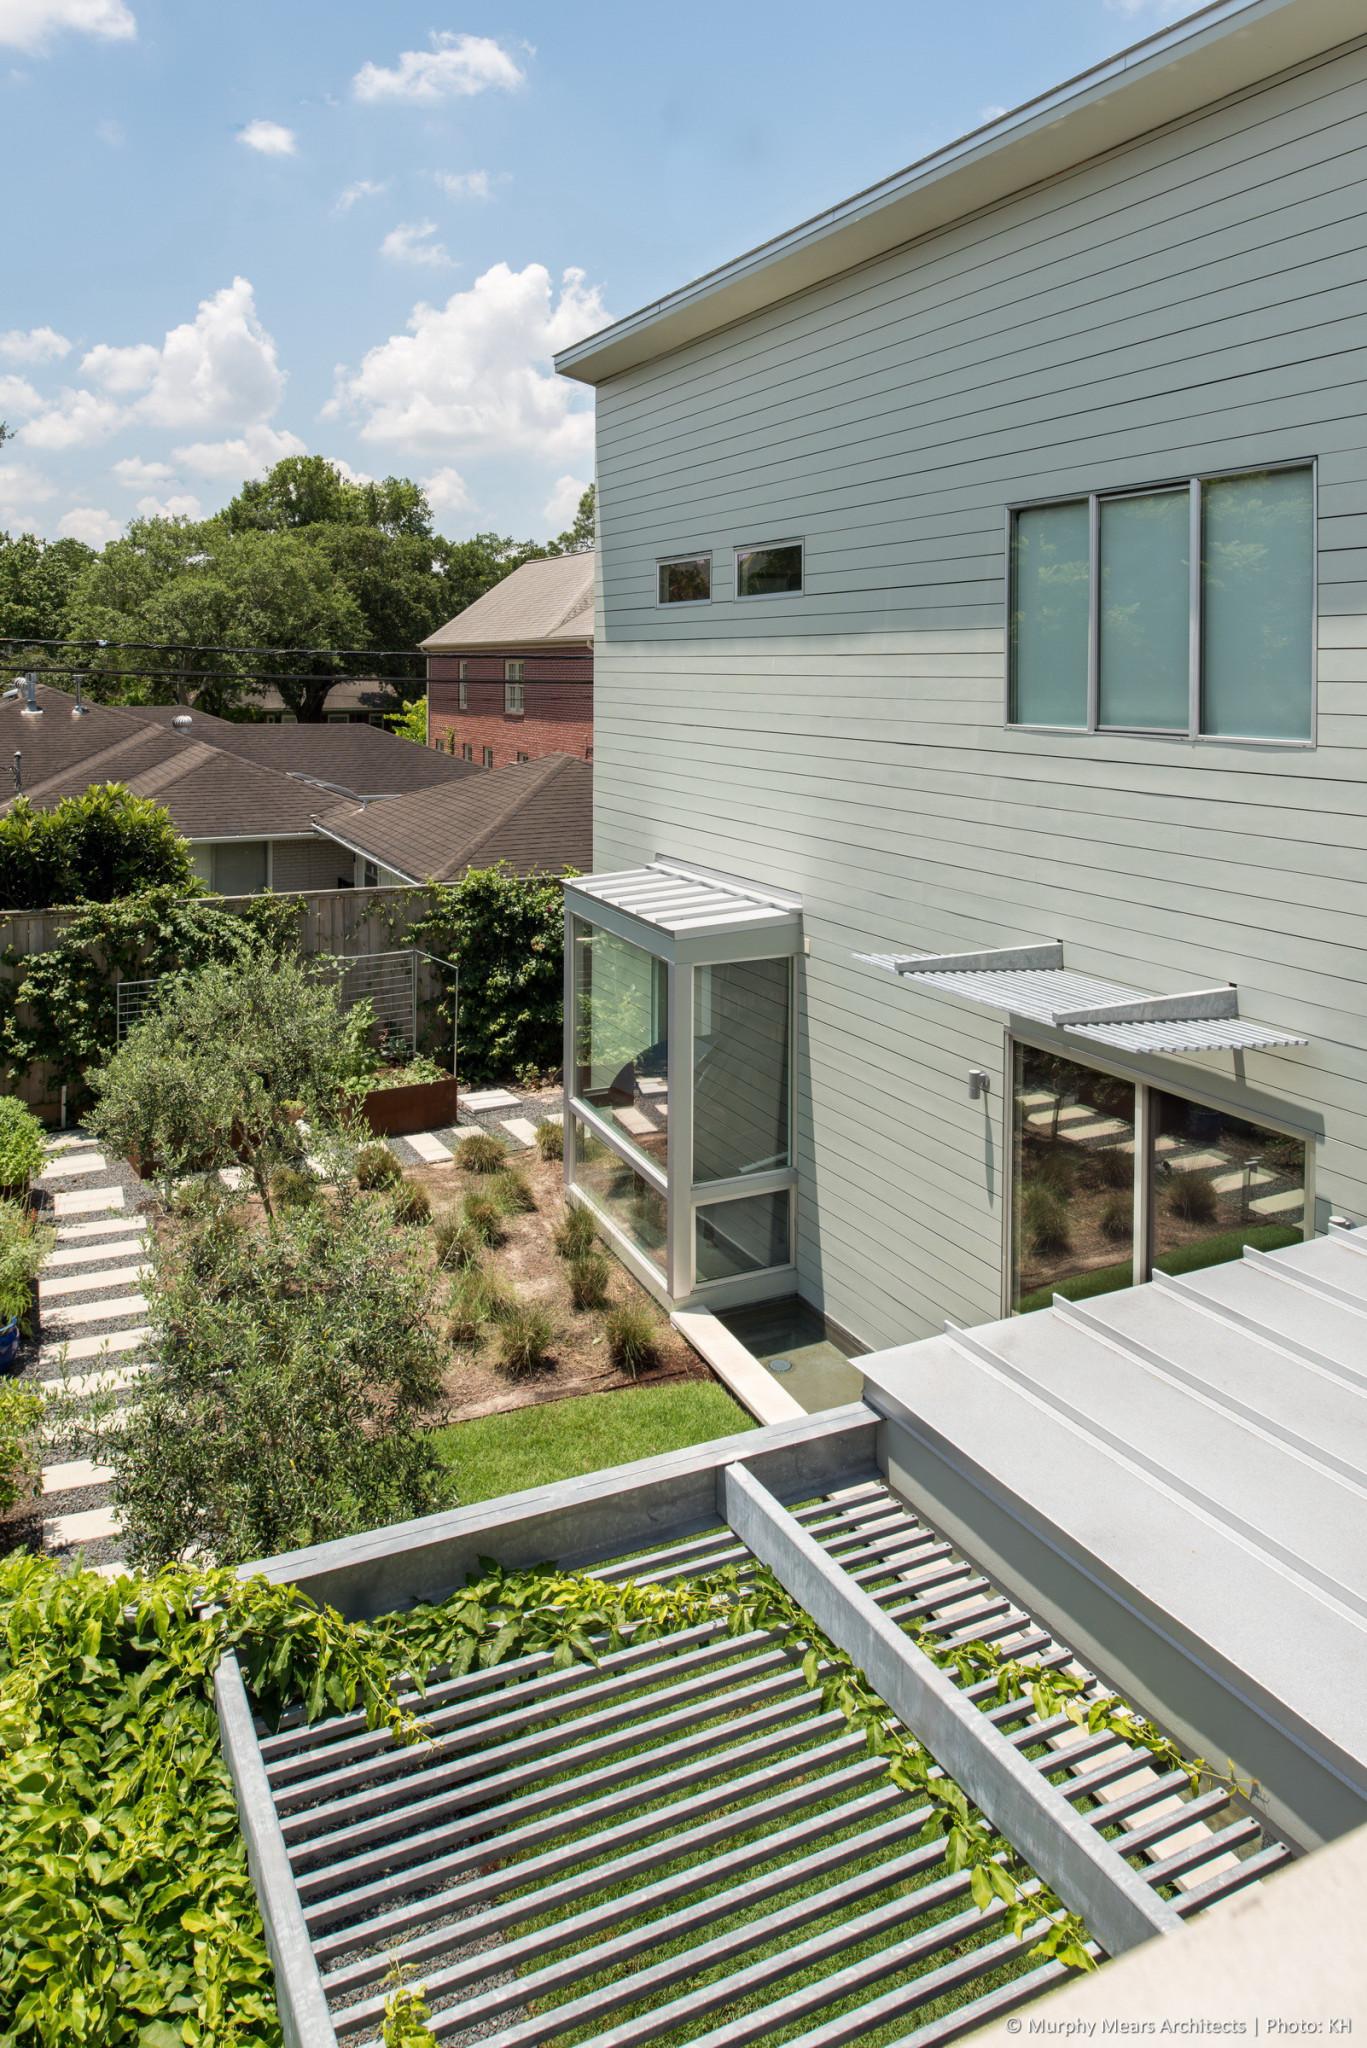 2nd floor terrace, overlooking 1st floor outdoor seating trellis and East garden beyond.